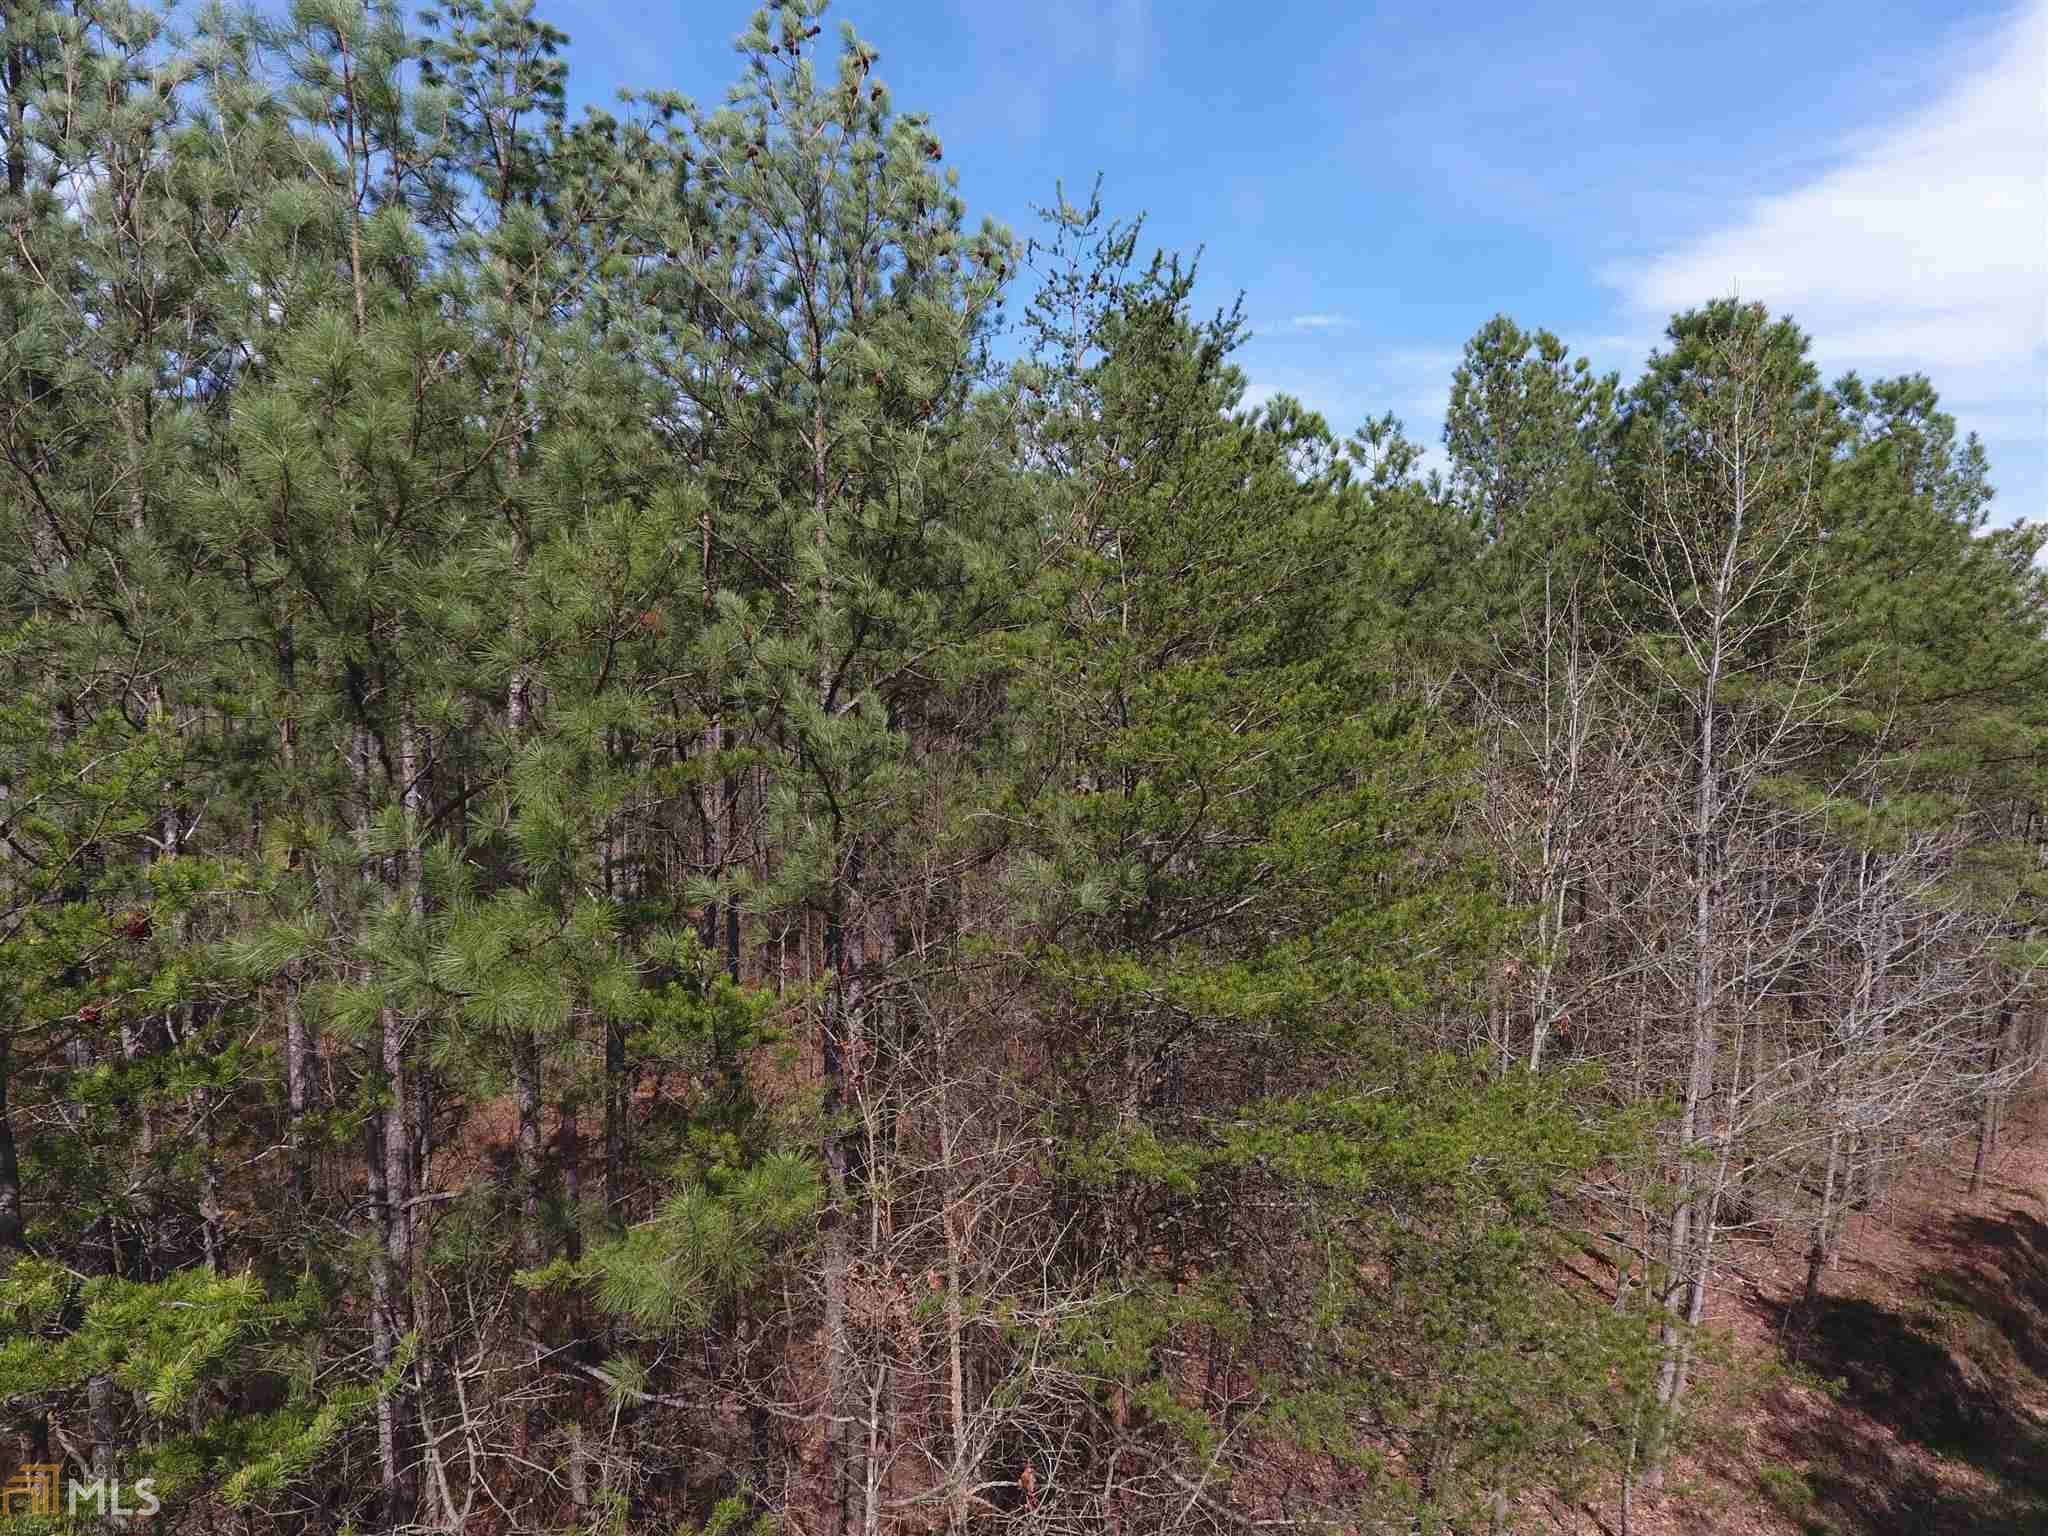 0 Pine Ridge Rd 5004-7, White, GA 30184 (MLS #8757813) :: Buffington Real Estate Group